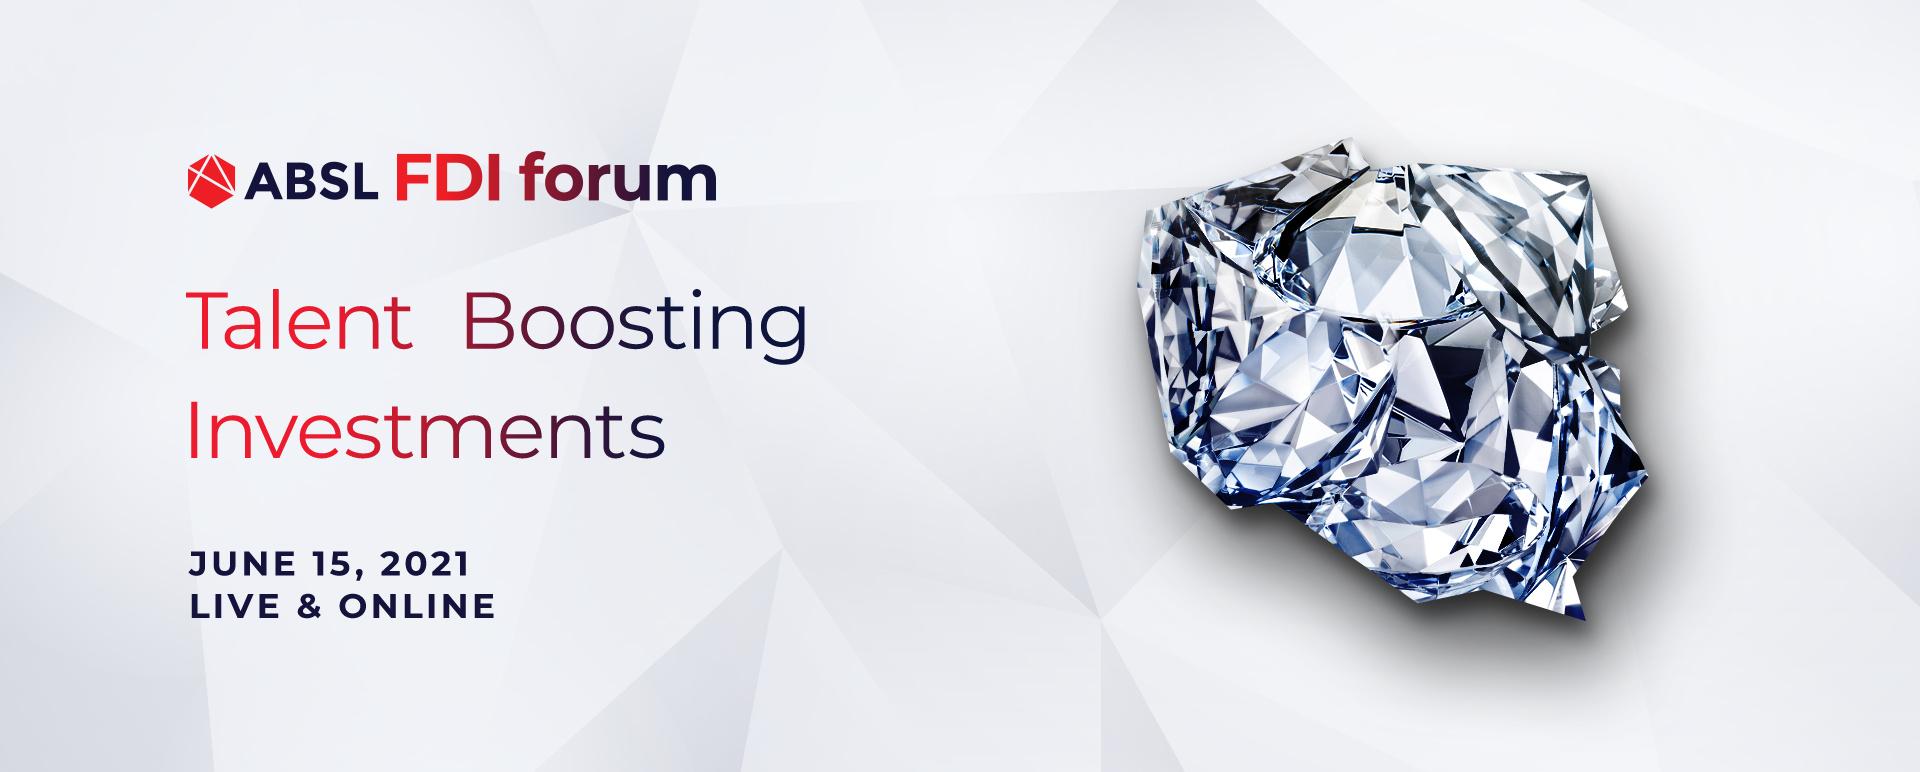 ABSL FDI Forum